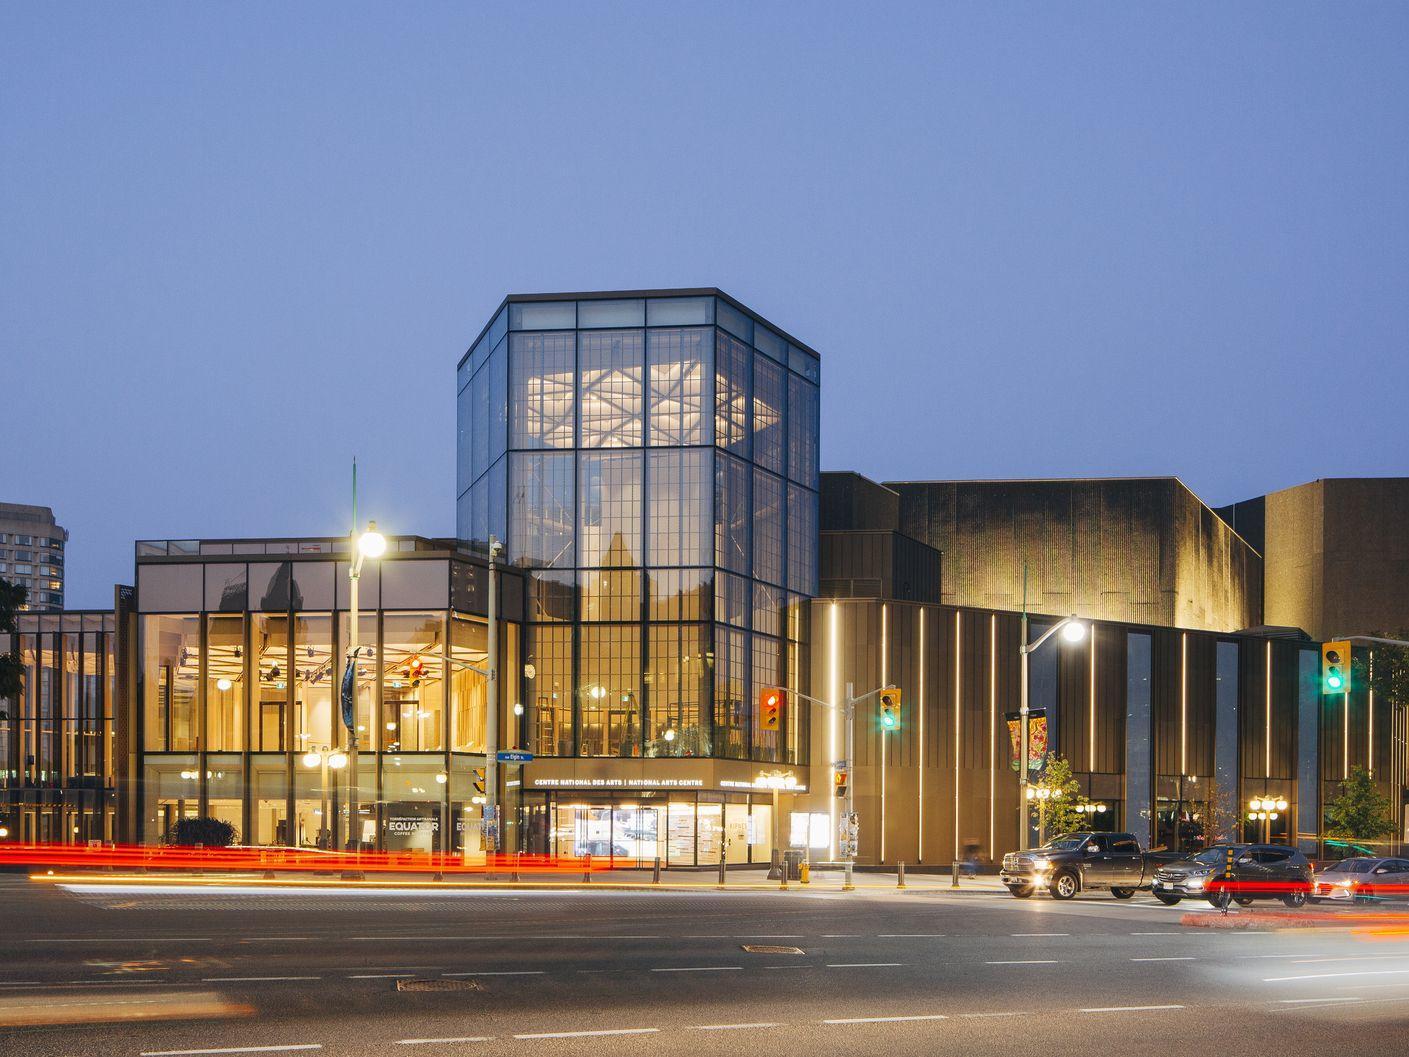 glass exterior of national arts centre